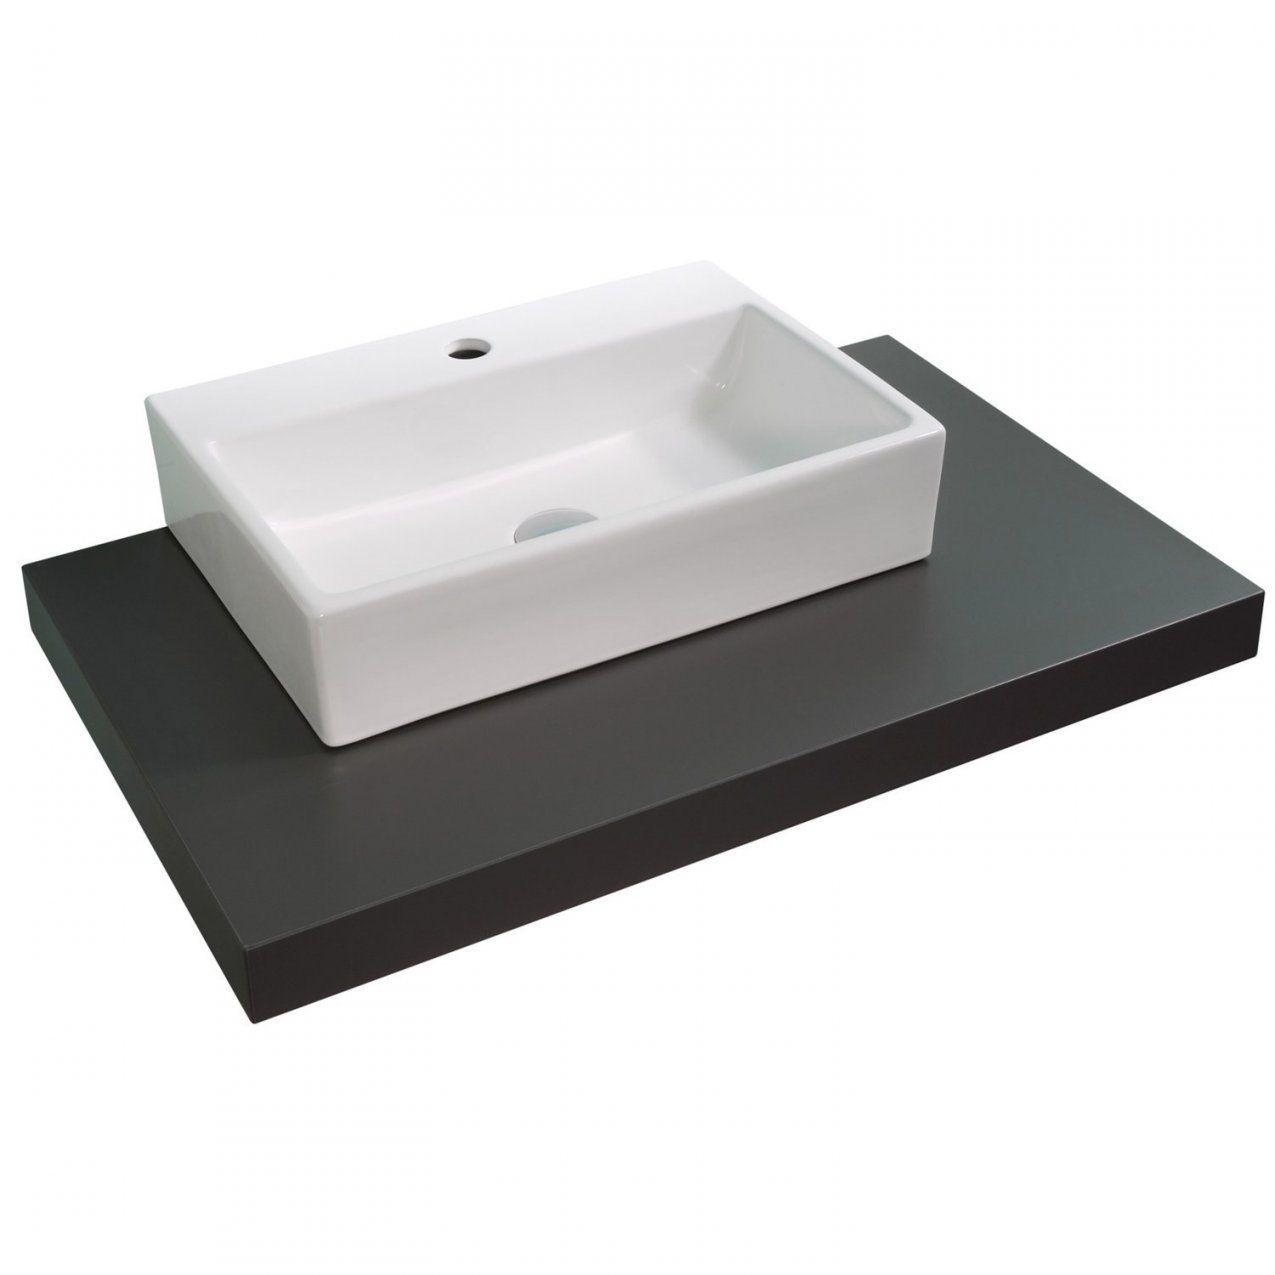 Obi Aufsatzwaschbecken Tamega 52 Cm Eckig Weiß Kaufen Bei Obi von Obi Waschtisch Mit Unterschrank Photo